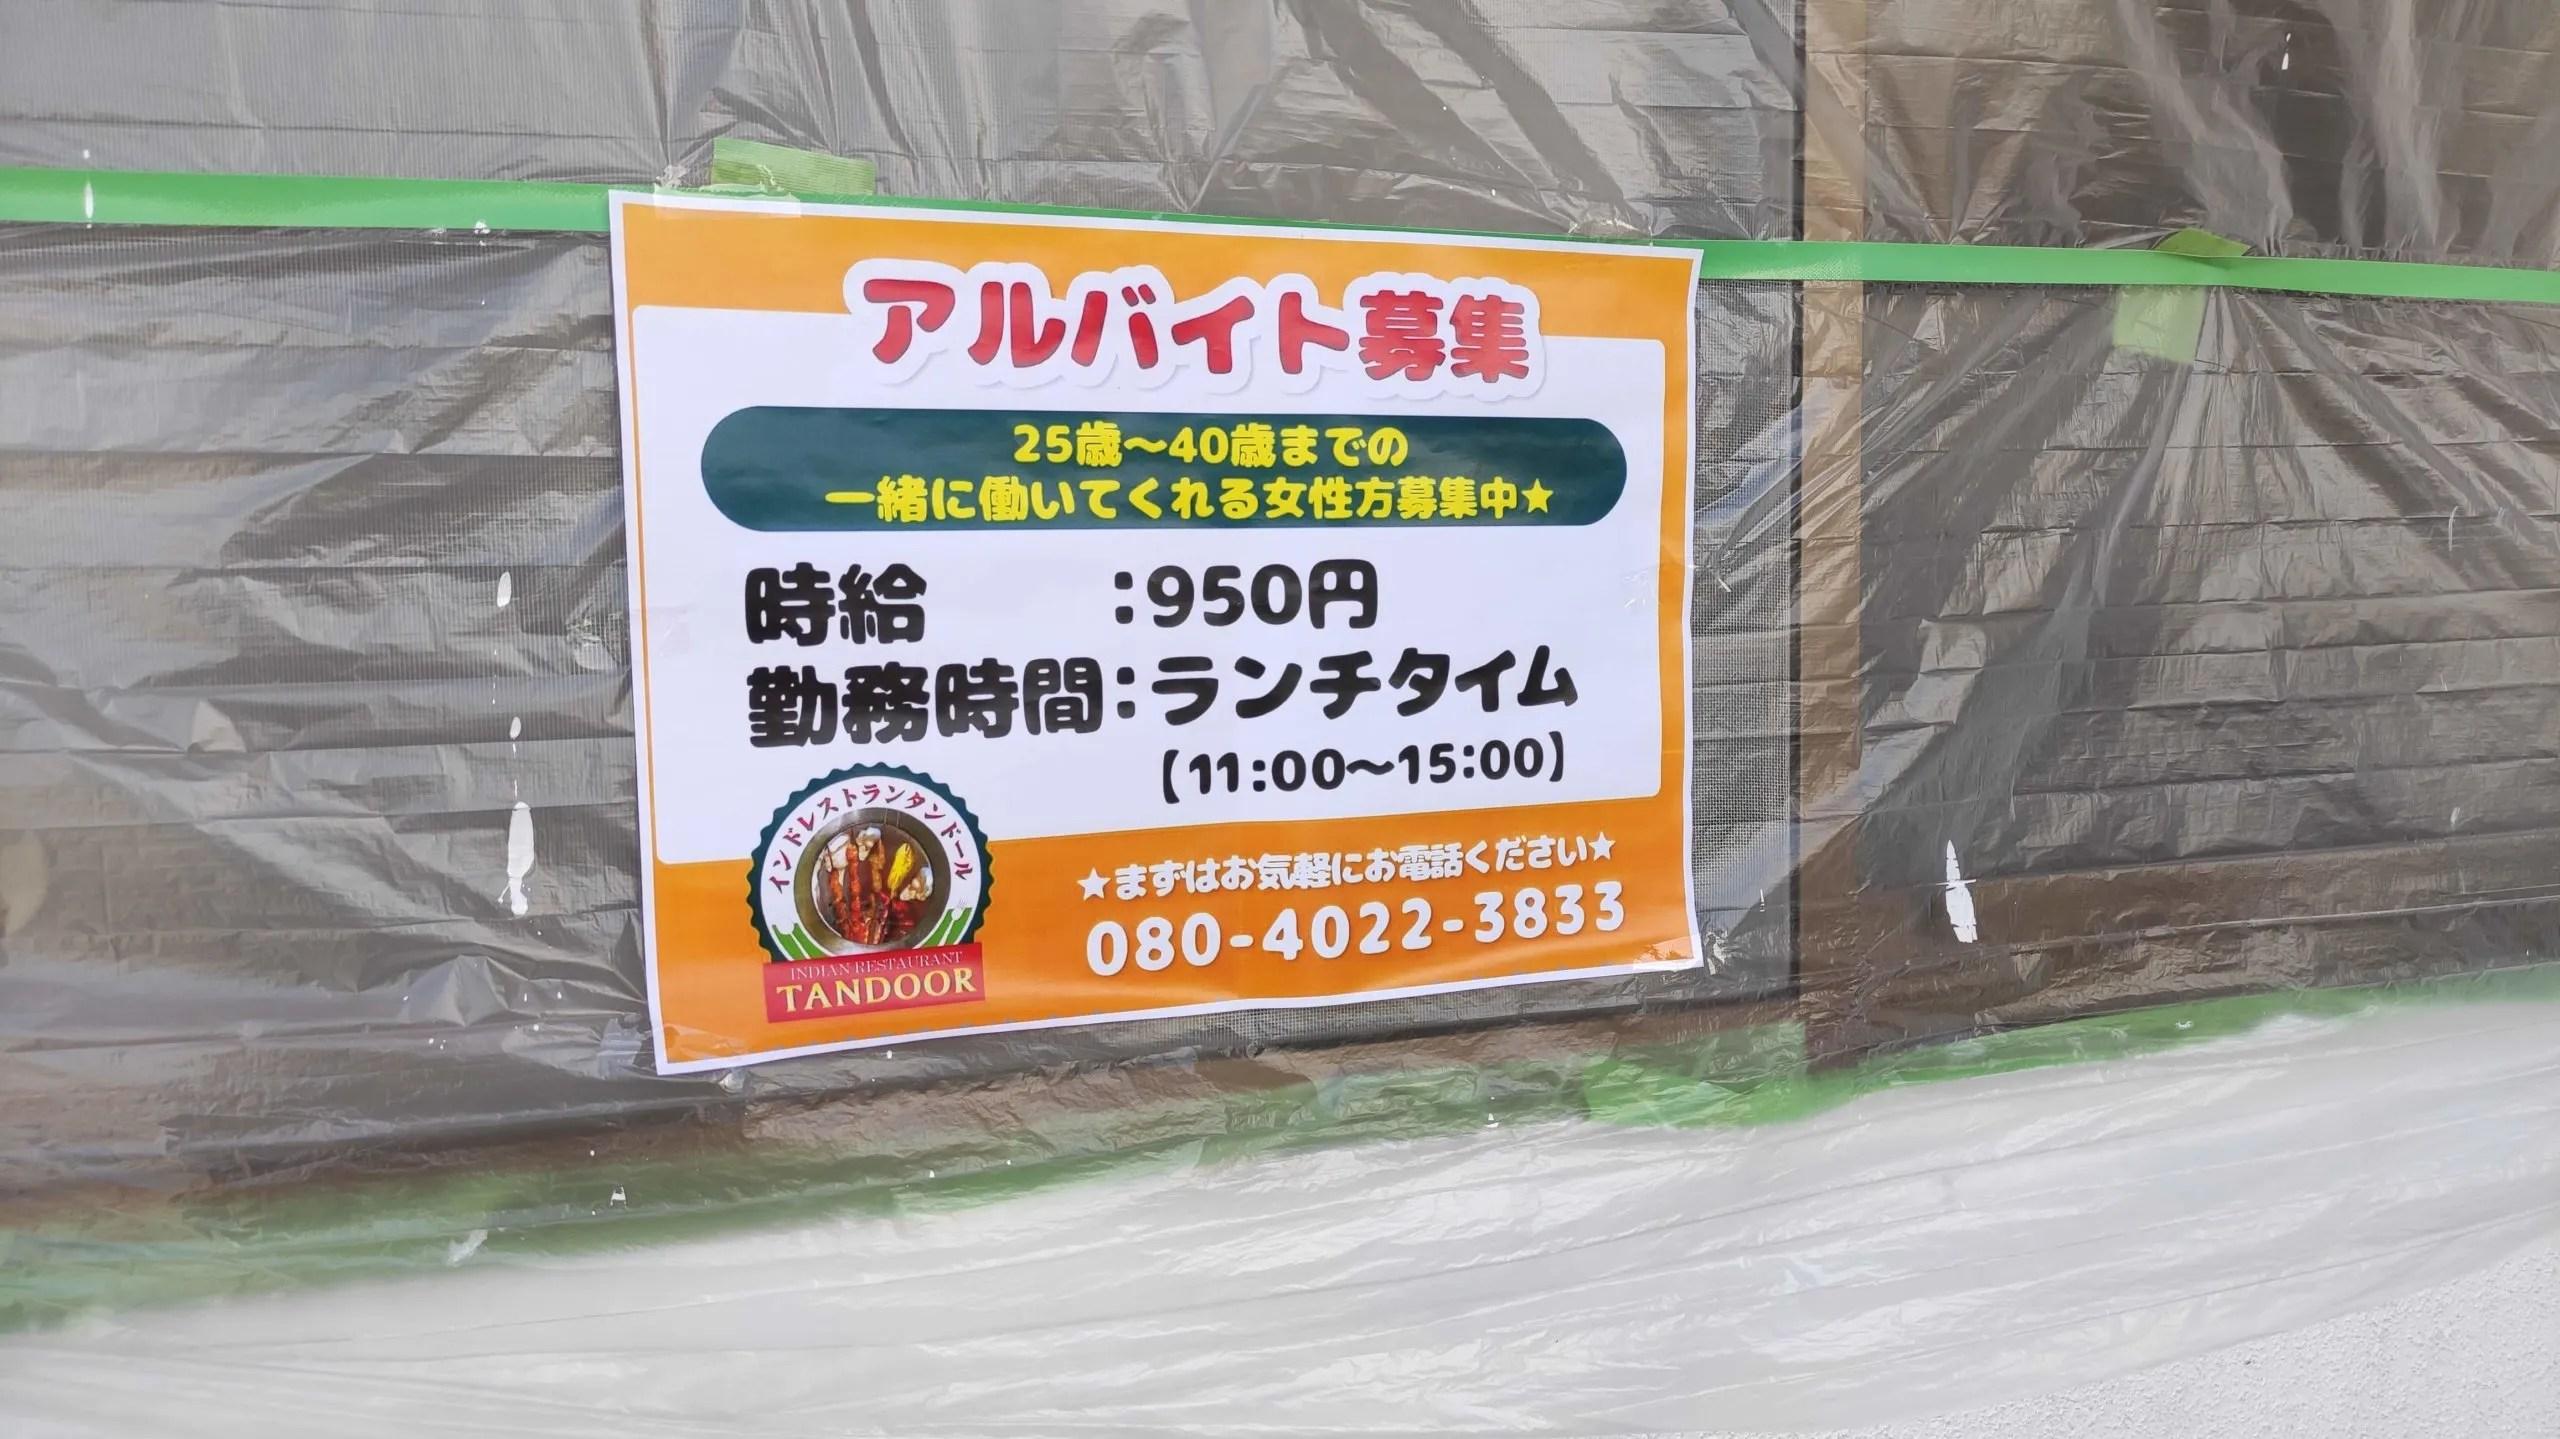 「めん星」さん跡地はインドレストラン「タンドール」というお店の模様です。01